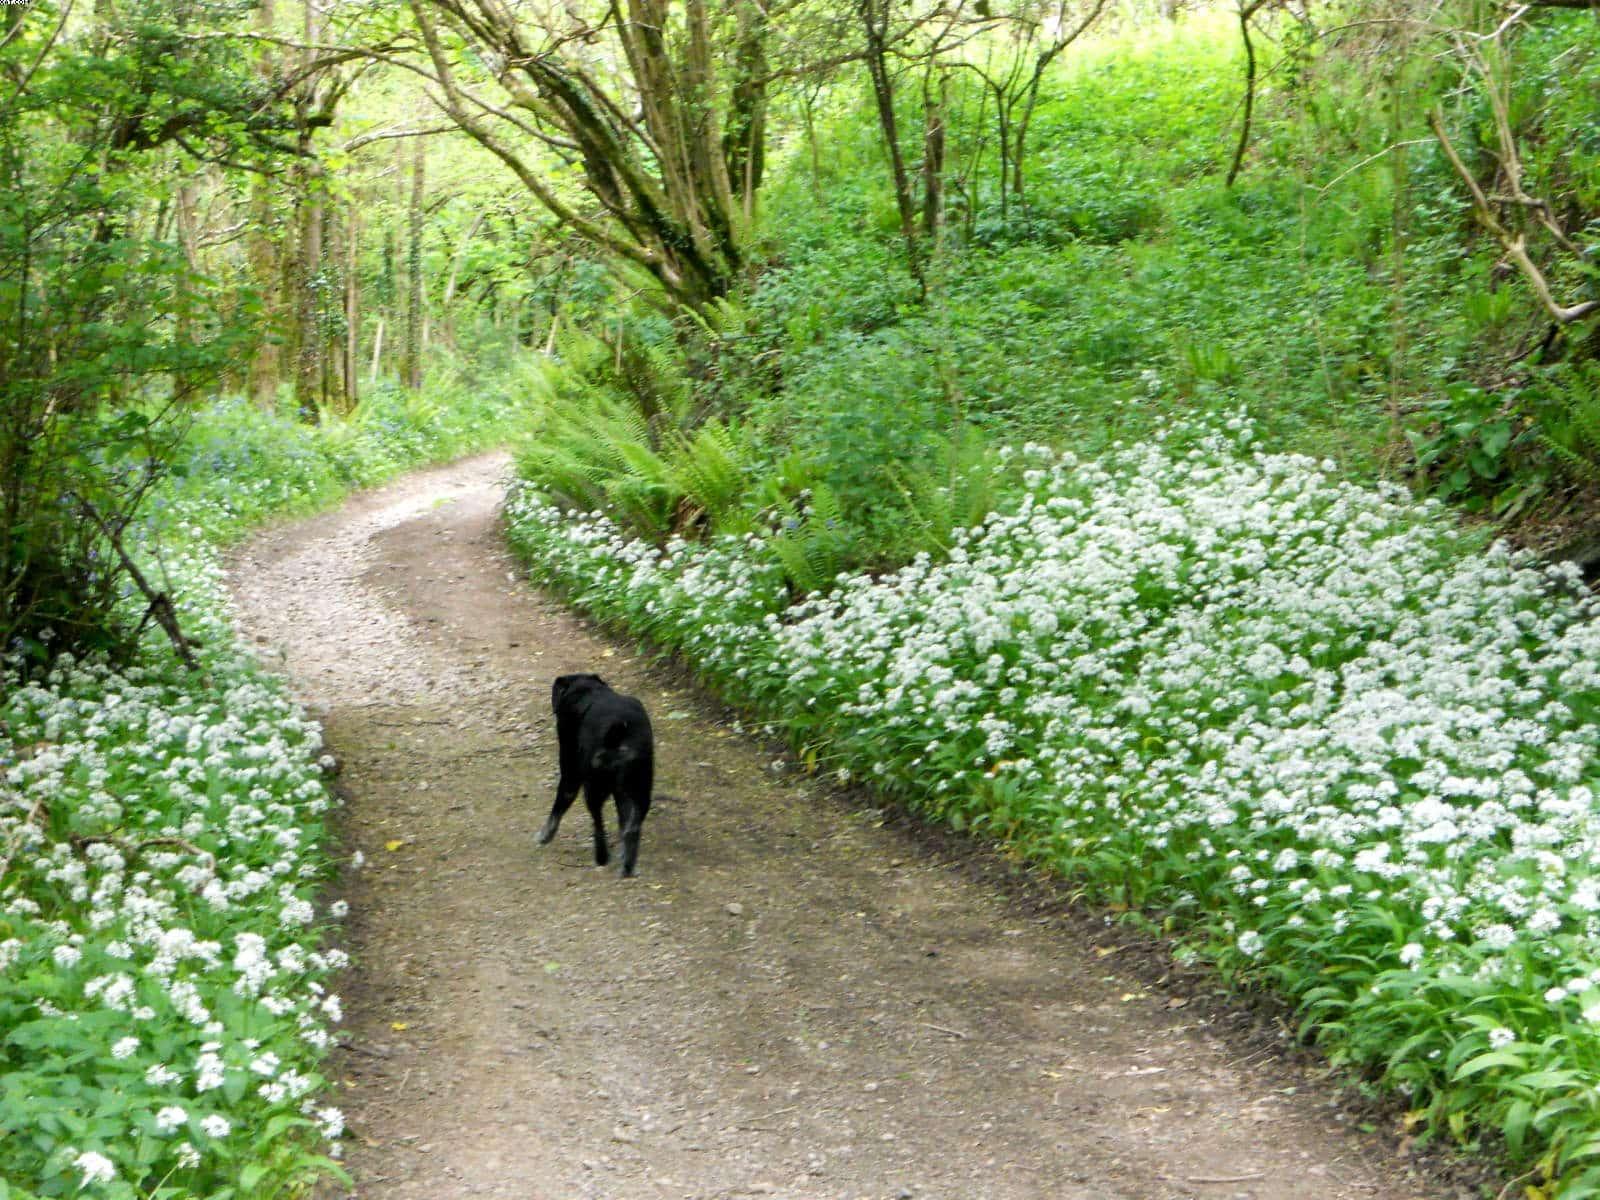 Black dog walking on country lane near wild garlic